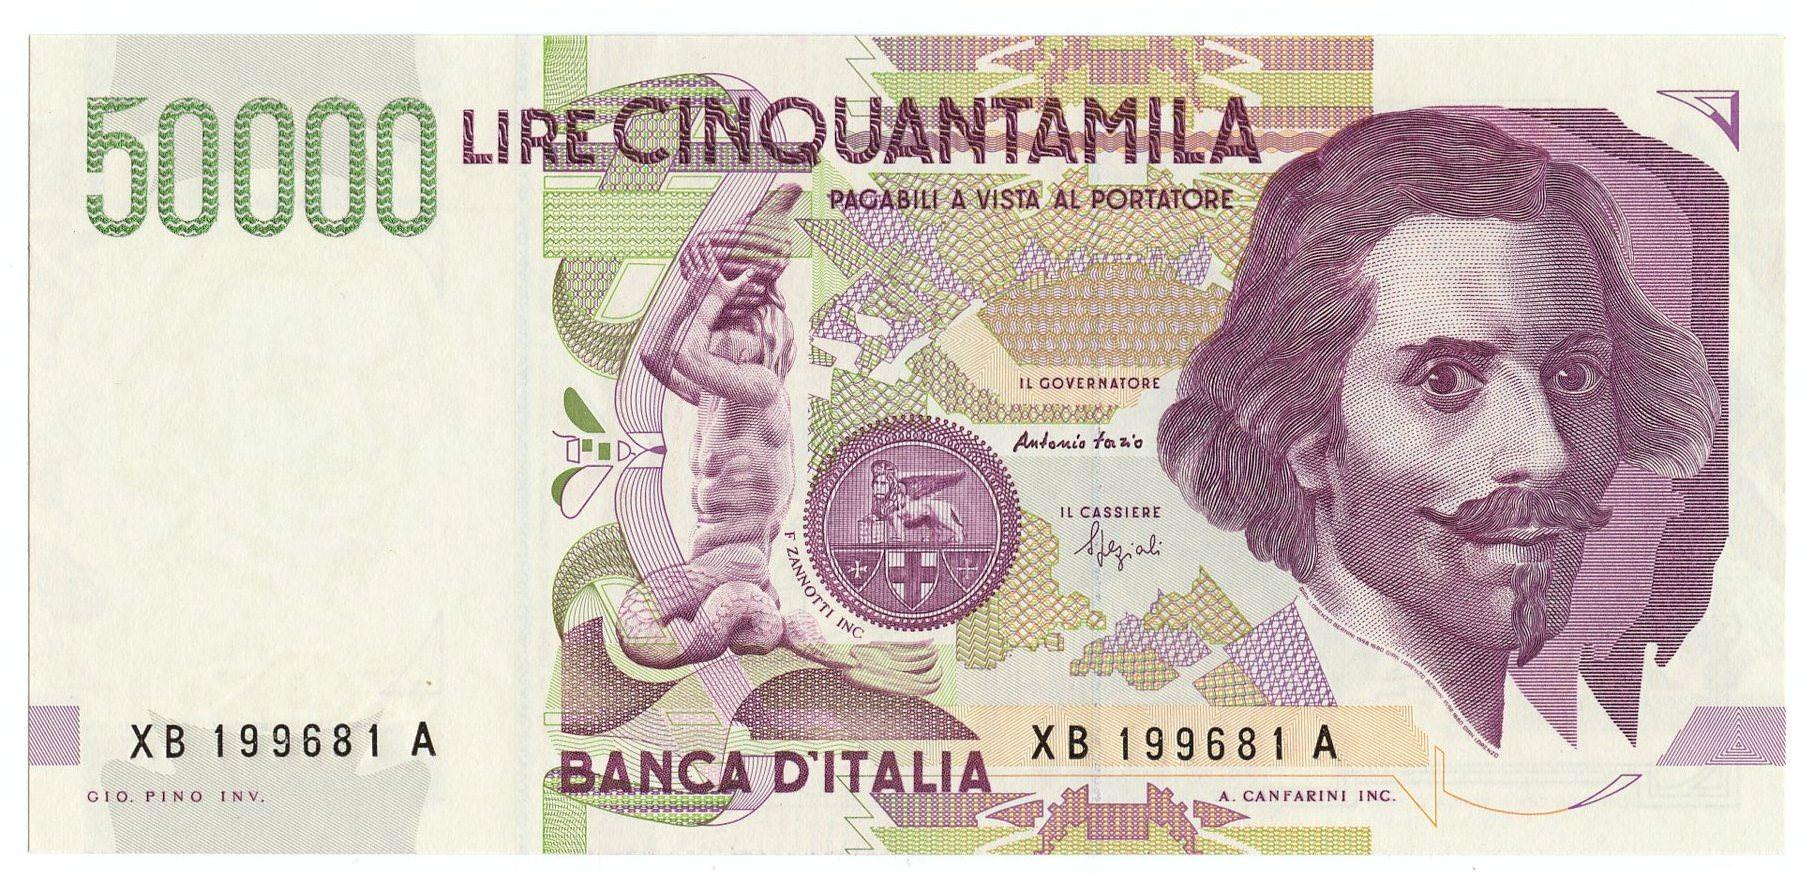 BANCONOTA DA LIRE 50000 BERNINI TIPO II